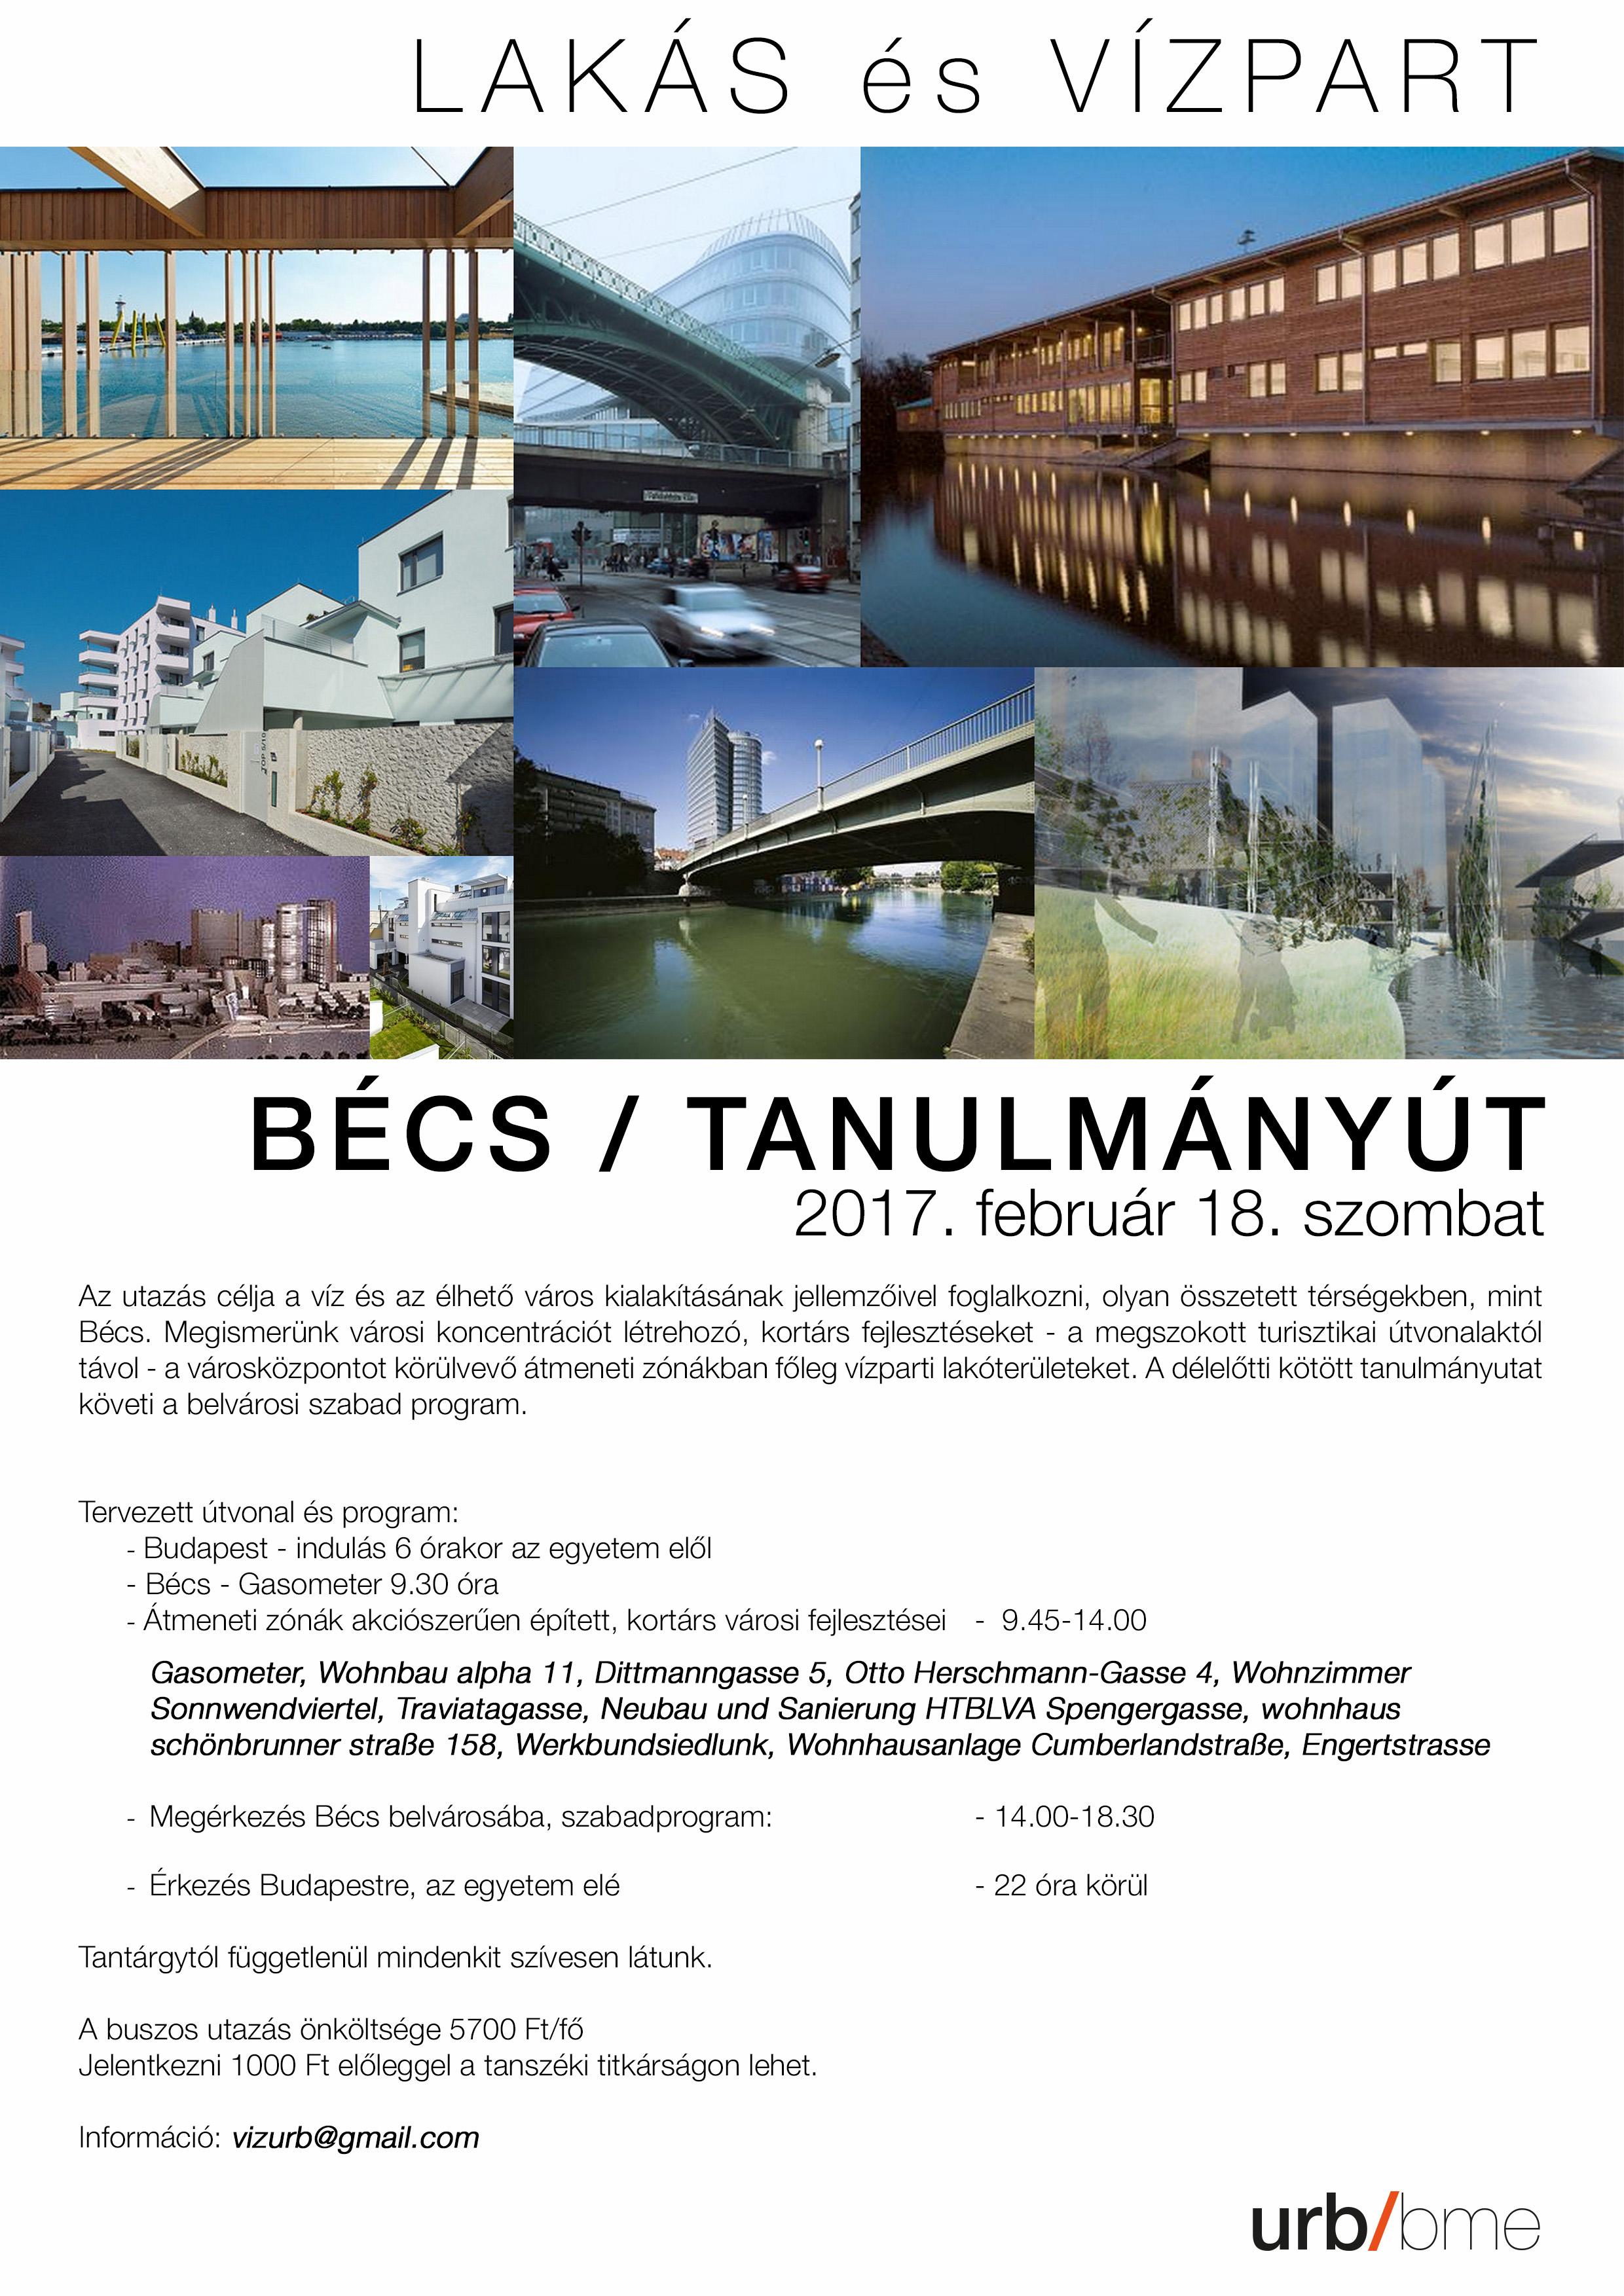 Becs_tanulmanyut_2017_plakat